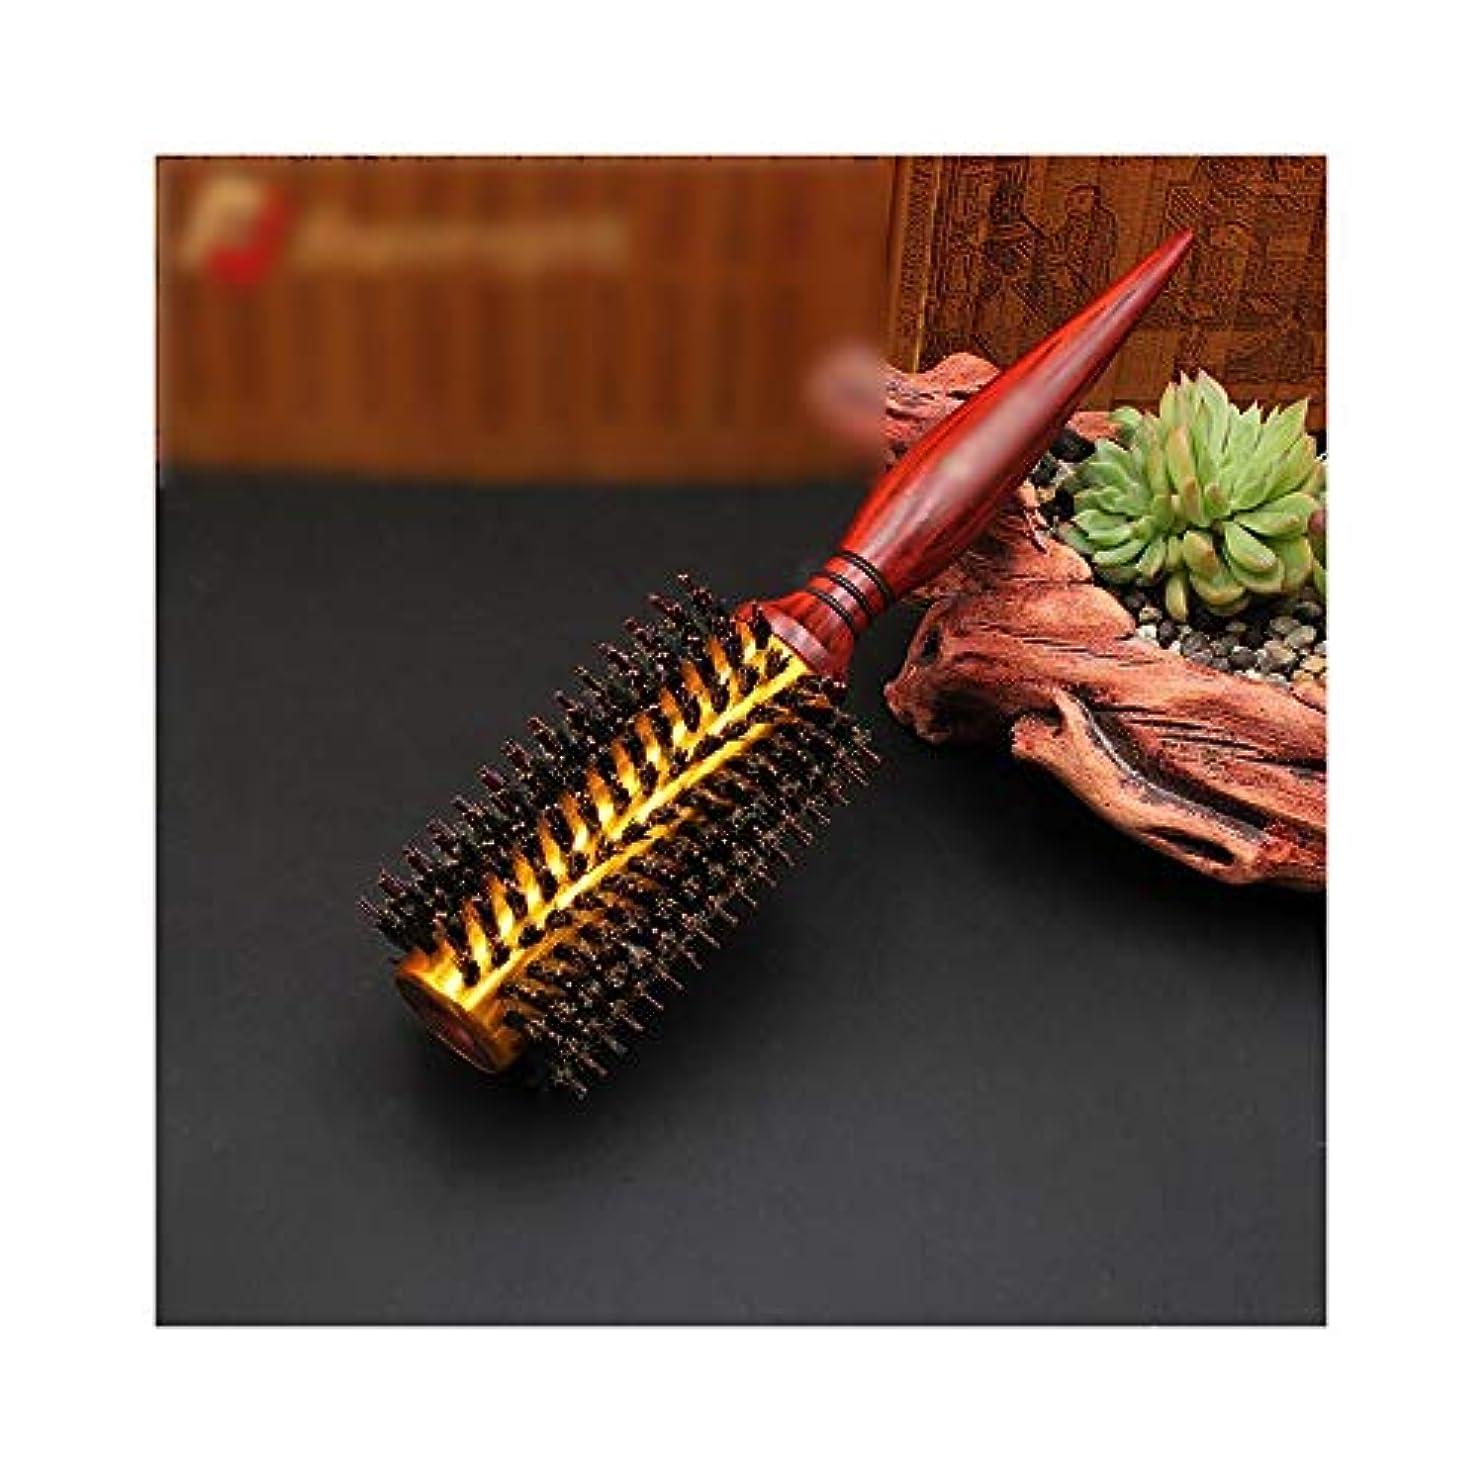 癒す地質学ゆるくFashian毛ラウンドスタイリングヘアブラシ - すべてのヘアスタイルのためにロールヘアブラシ ヘアケア (サイズ : 16 rows)